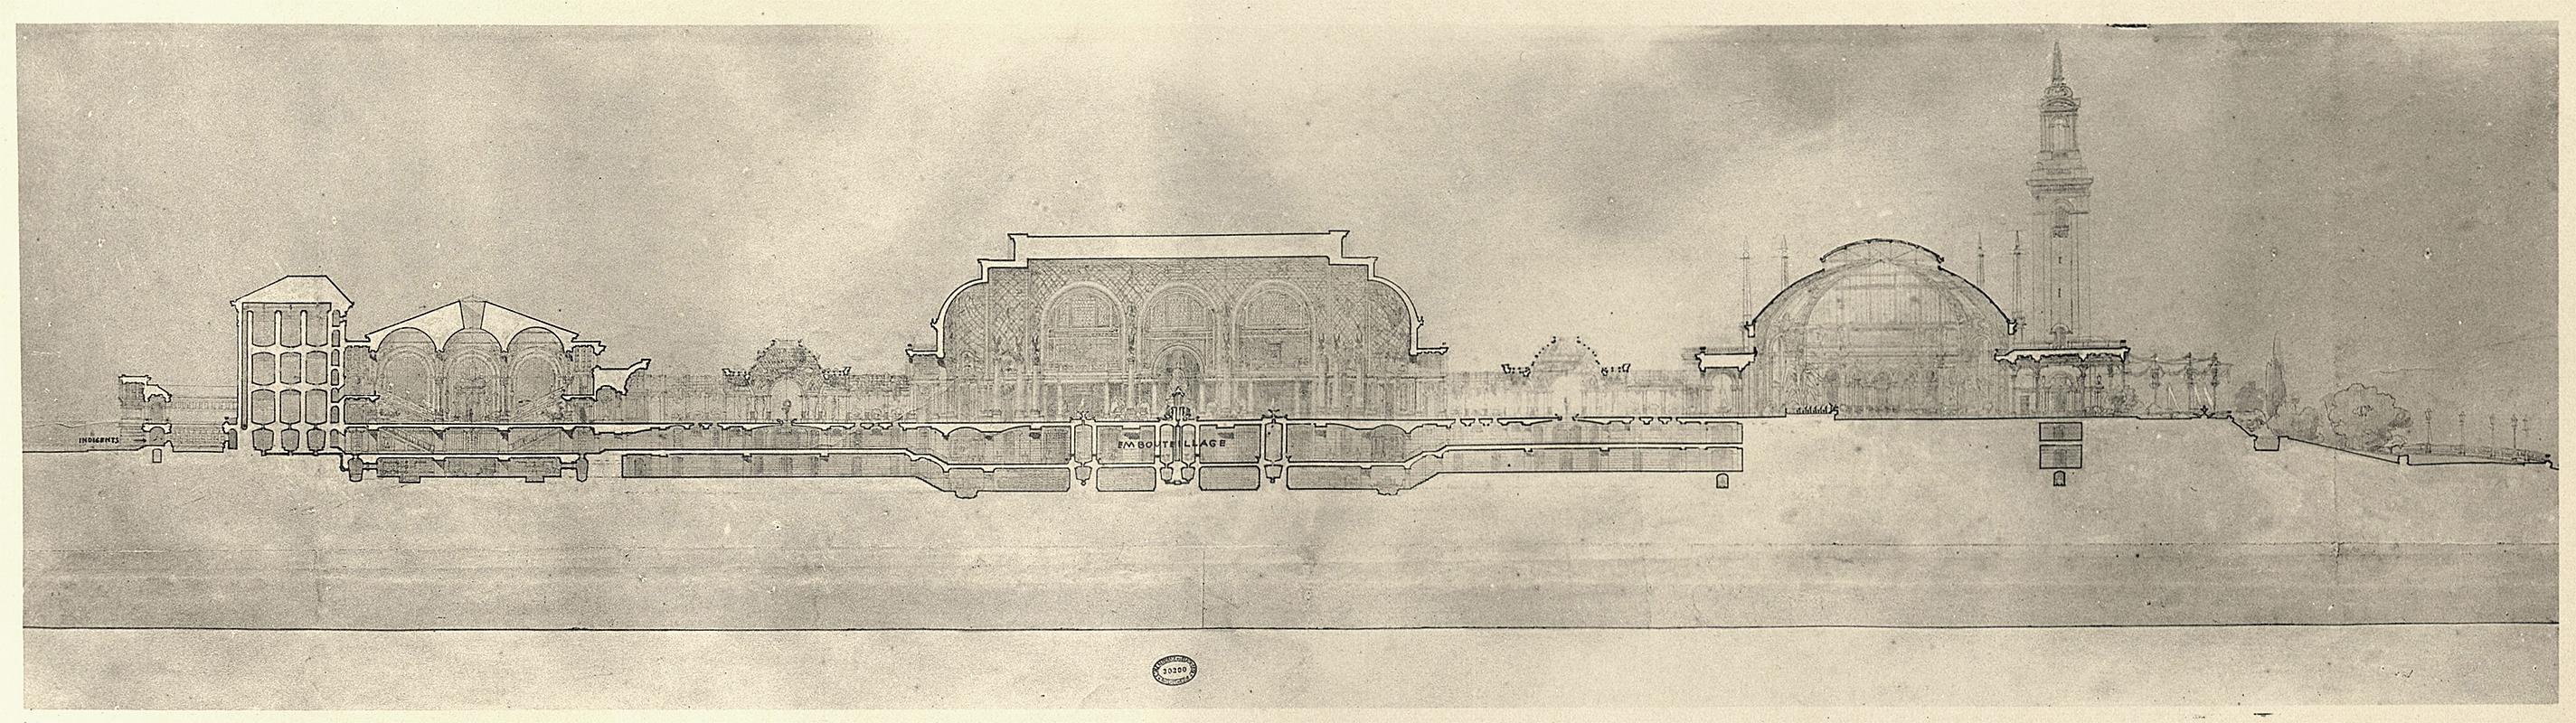 Eugene Bigot. Les Grands Prix de Rome v.4 1900, 472